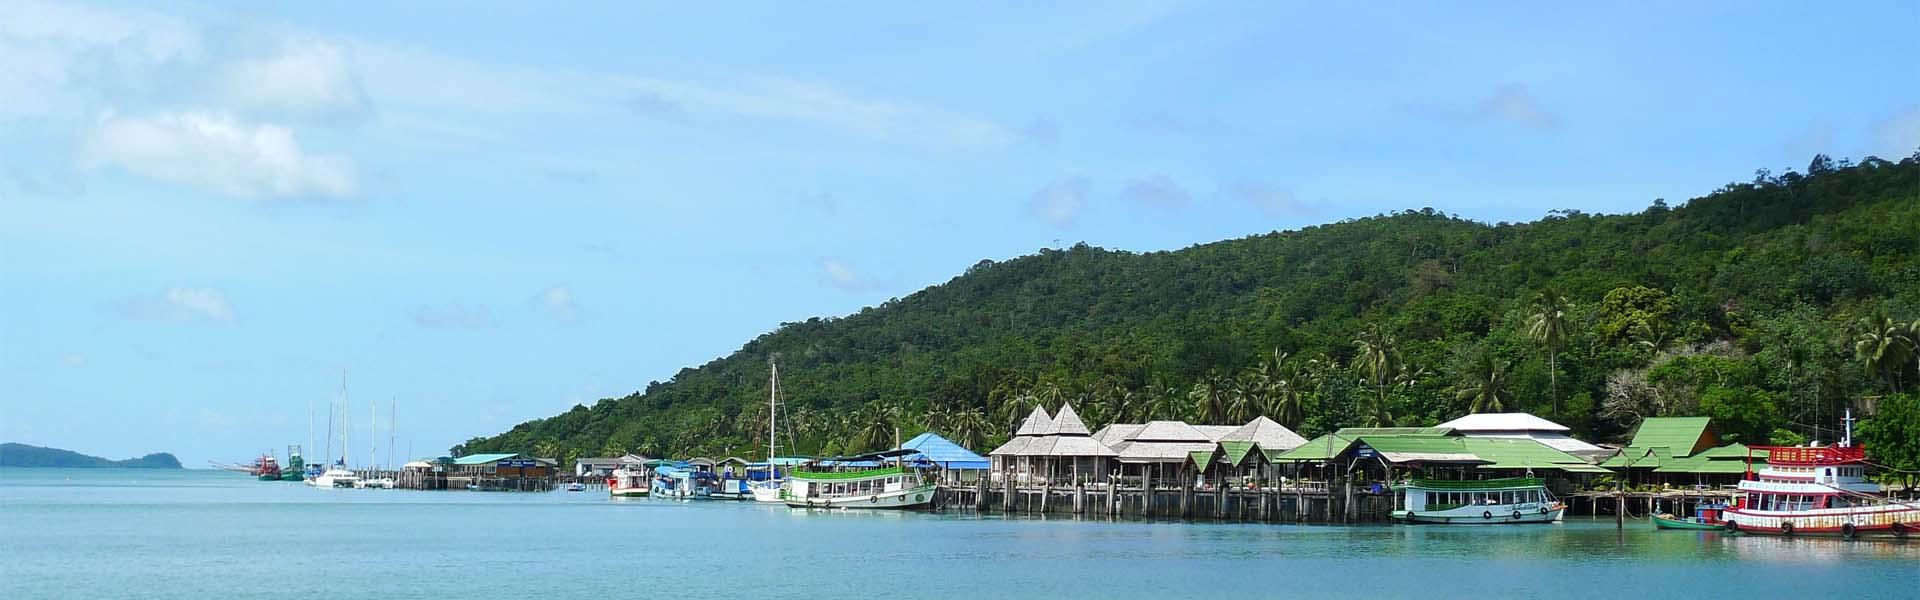 泰国象岛自助游攻略  泰国象岛怎么去